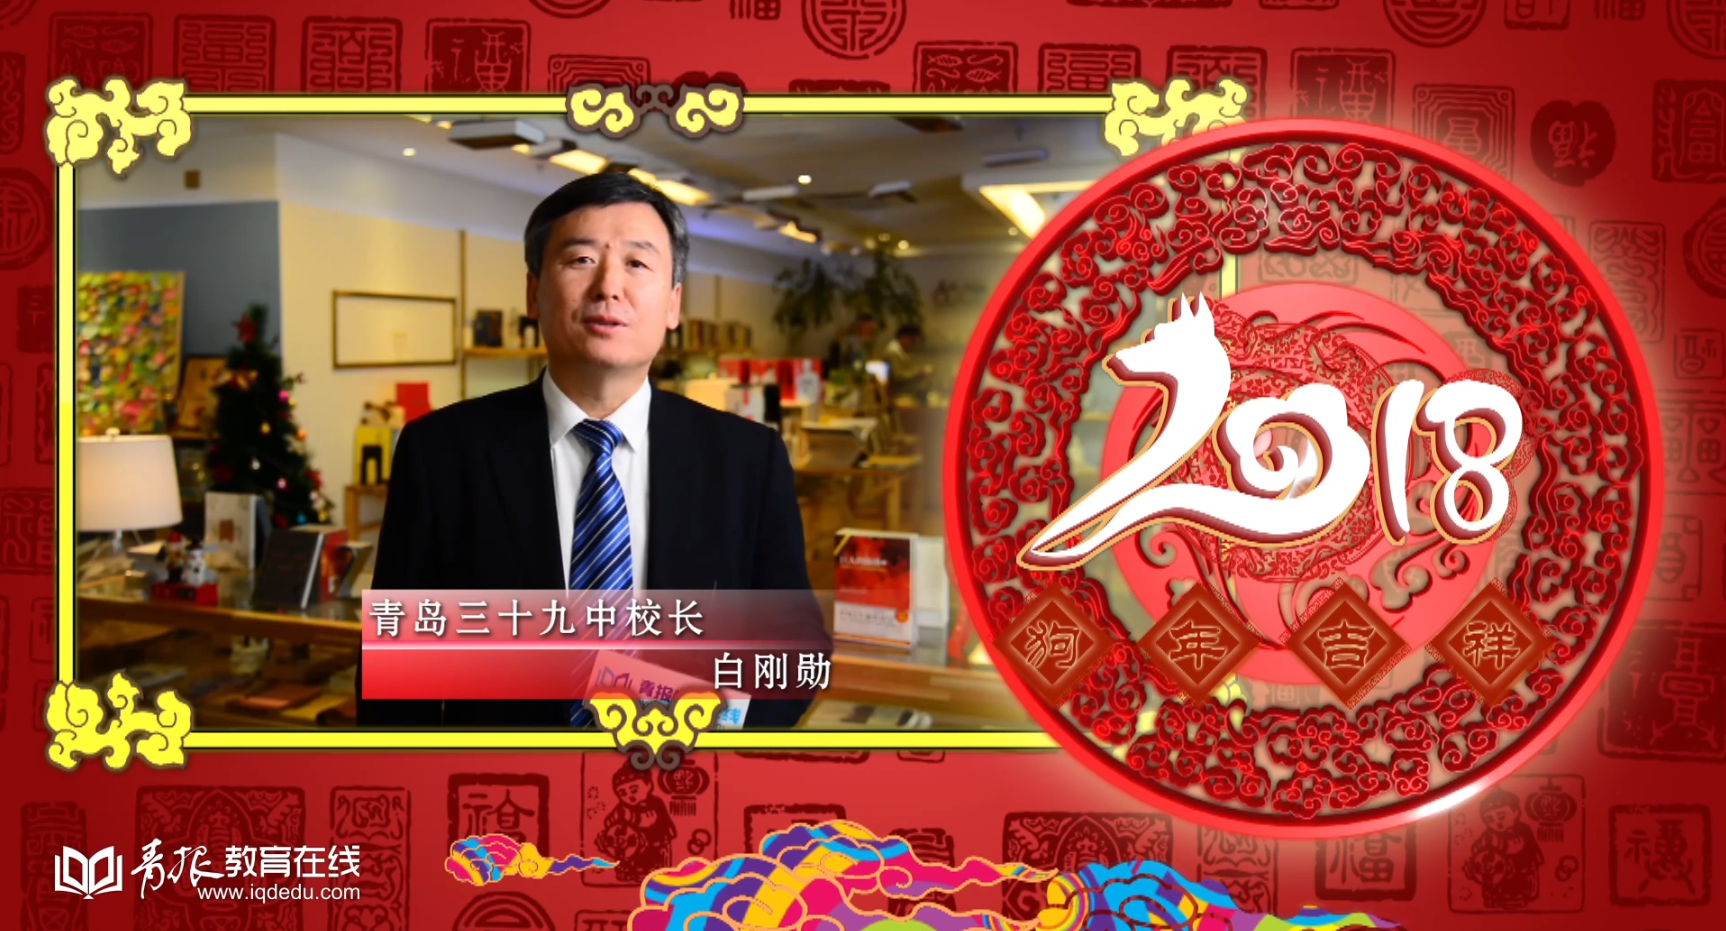 【视频】新年到,好运来!青岛39中祝您吉祥如意